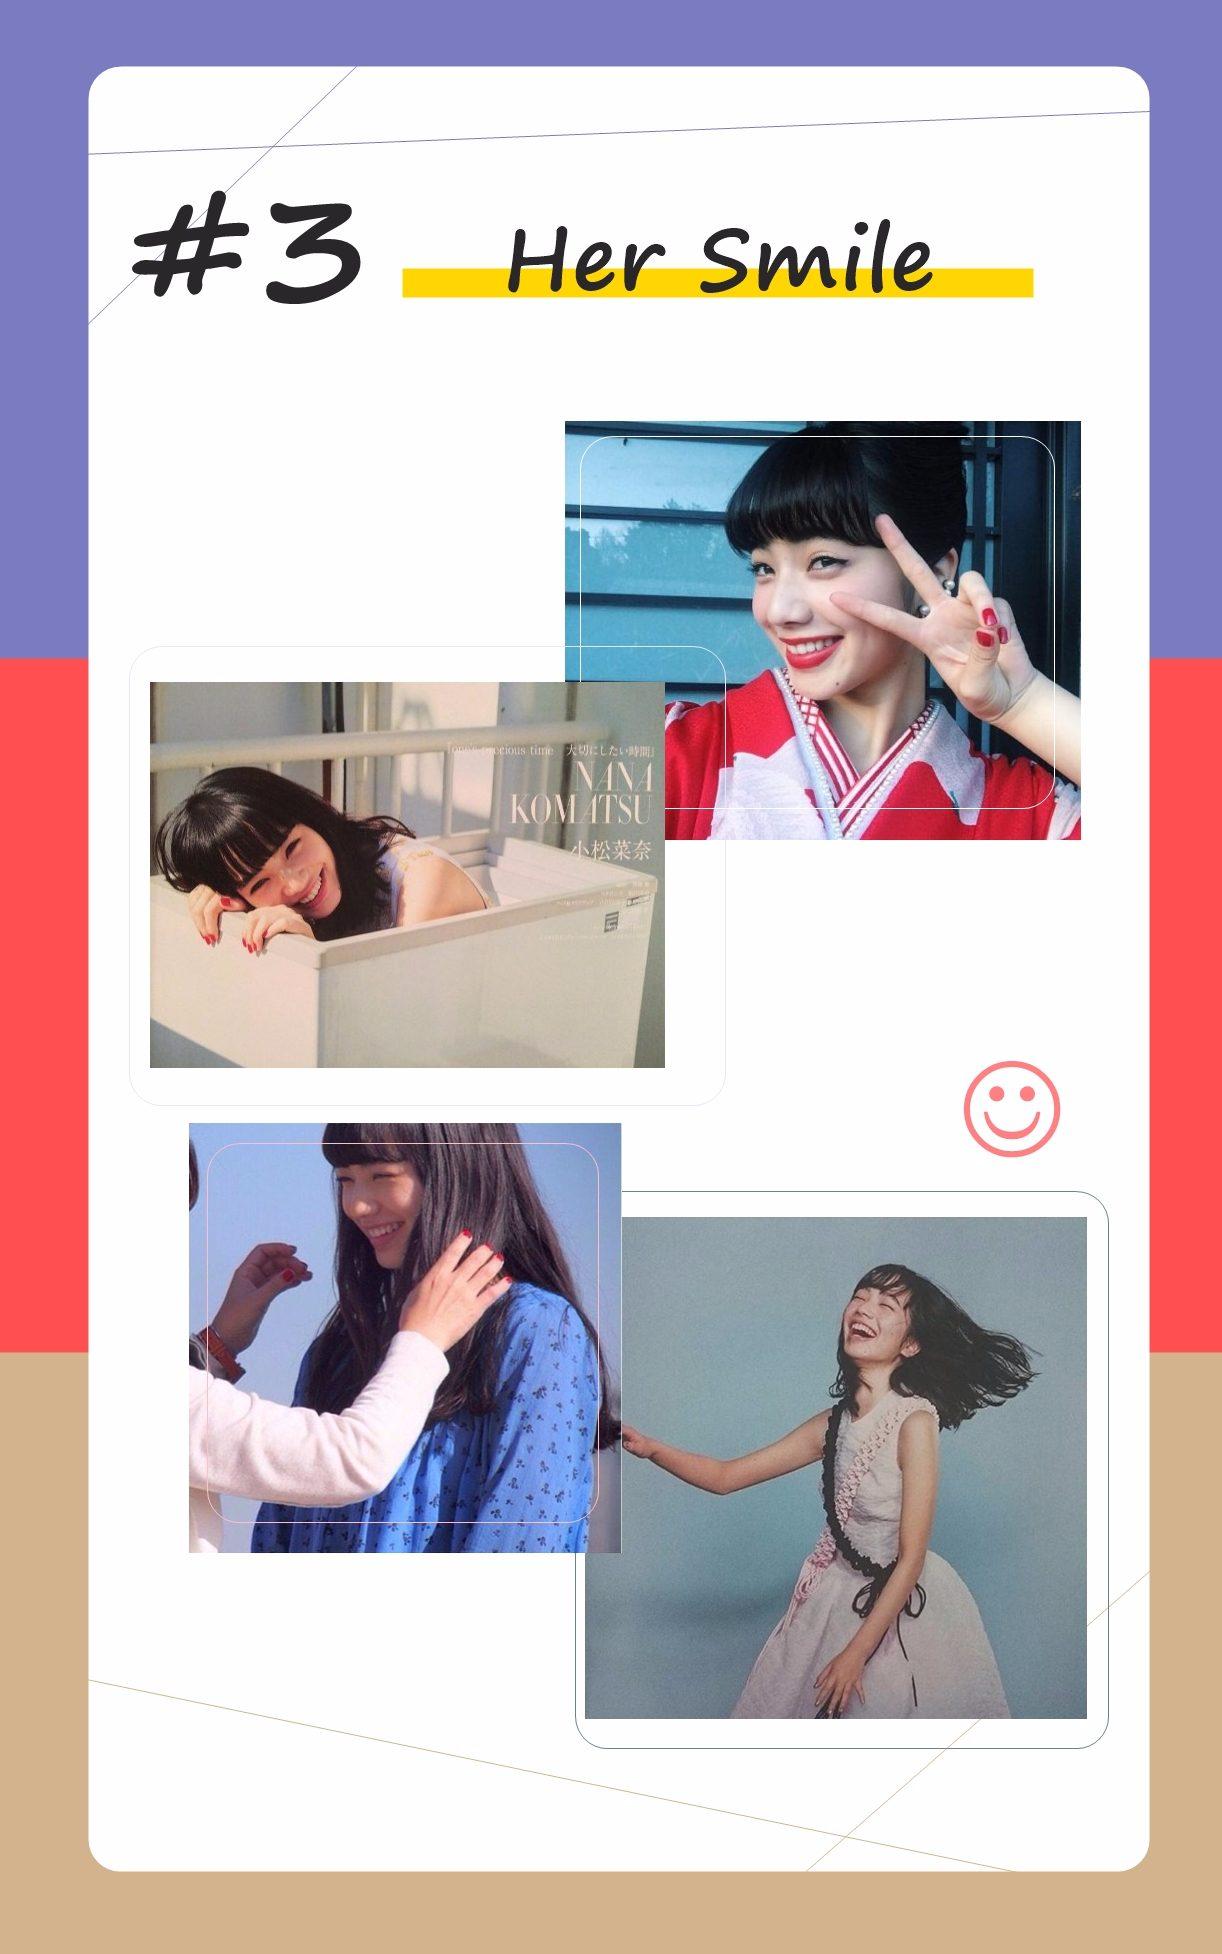 可能是小松菜奈平常總是散發神秘莫測的氣質,當她笑的時候,特別有感染力